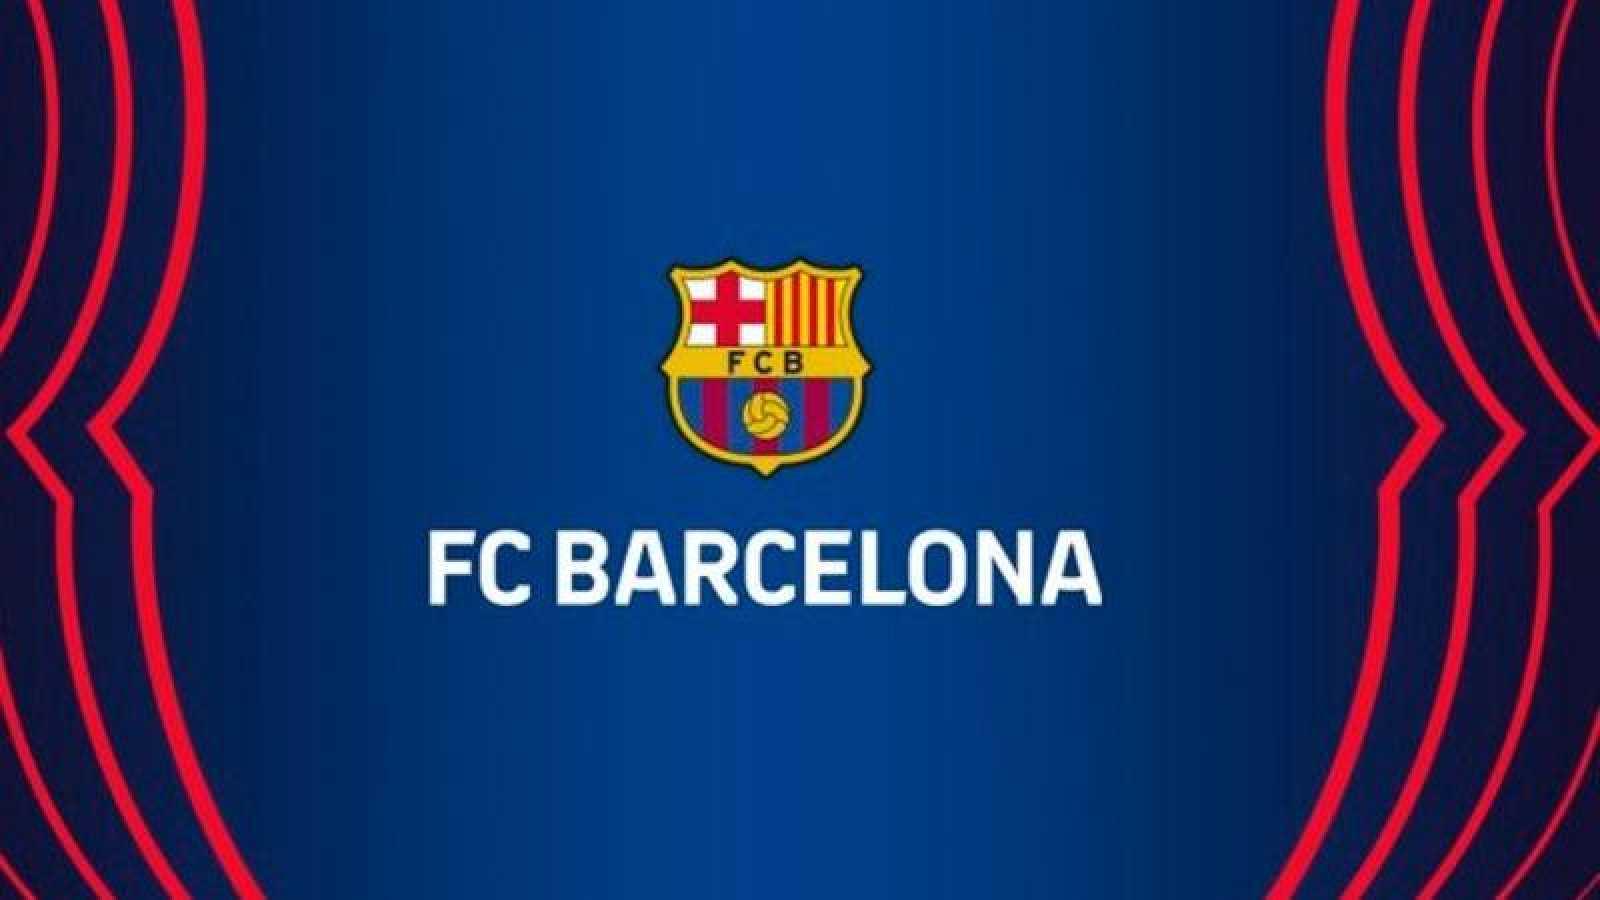 Imagen institucional del FC Barcelona.